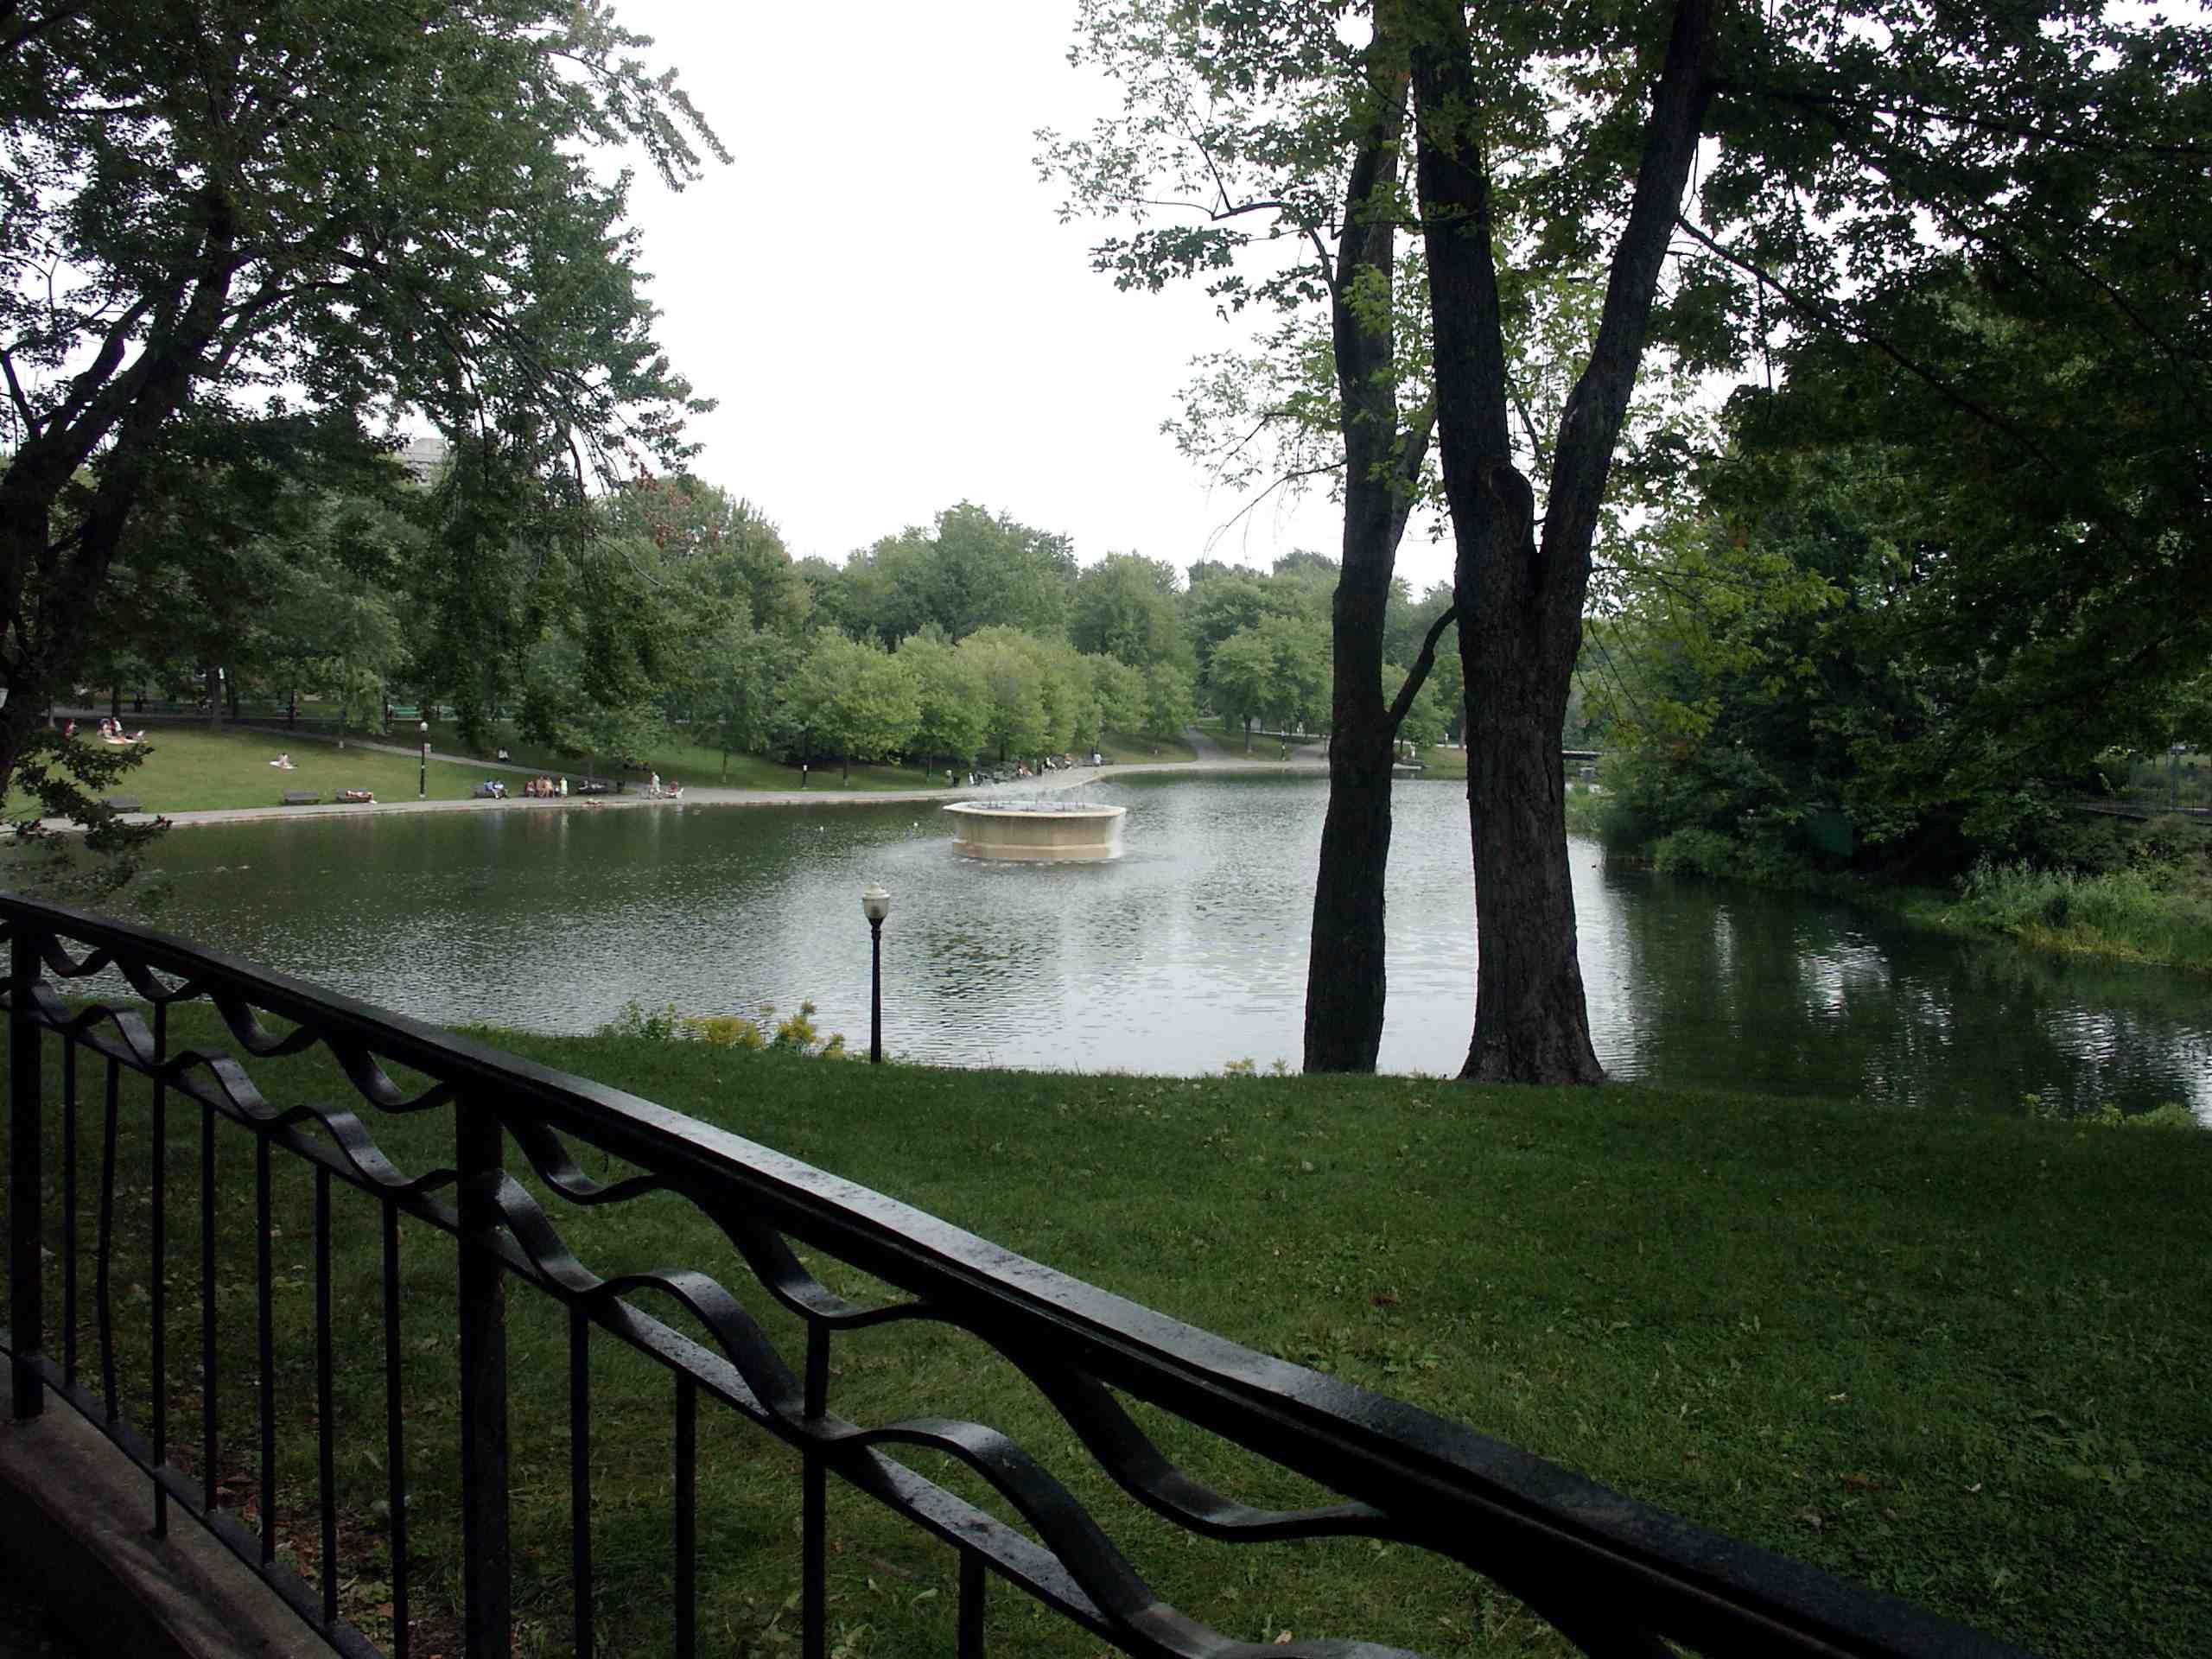 Parc Lafontaine Montreal File:parc Lafontaine Avec